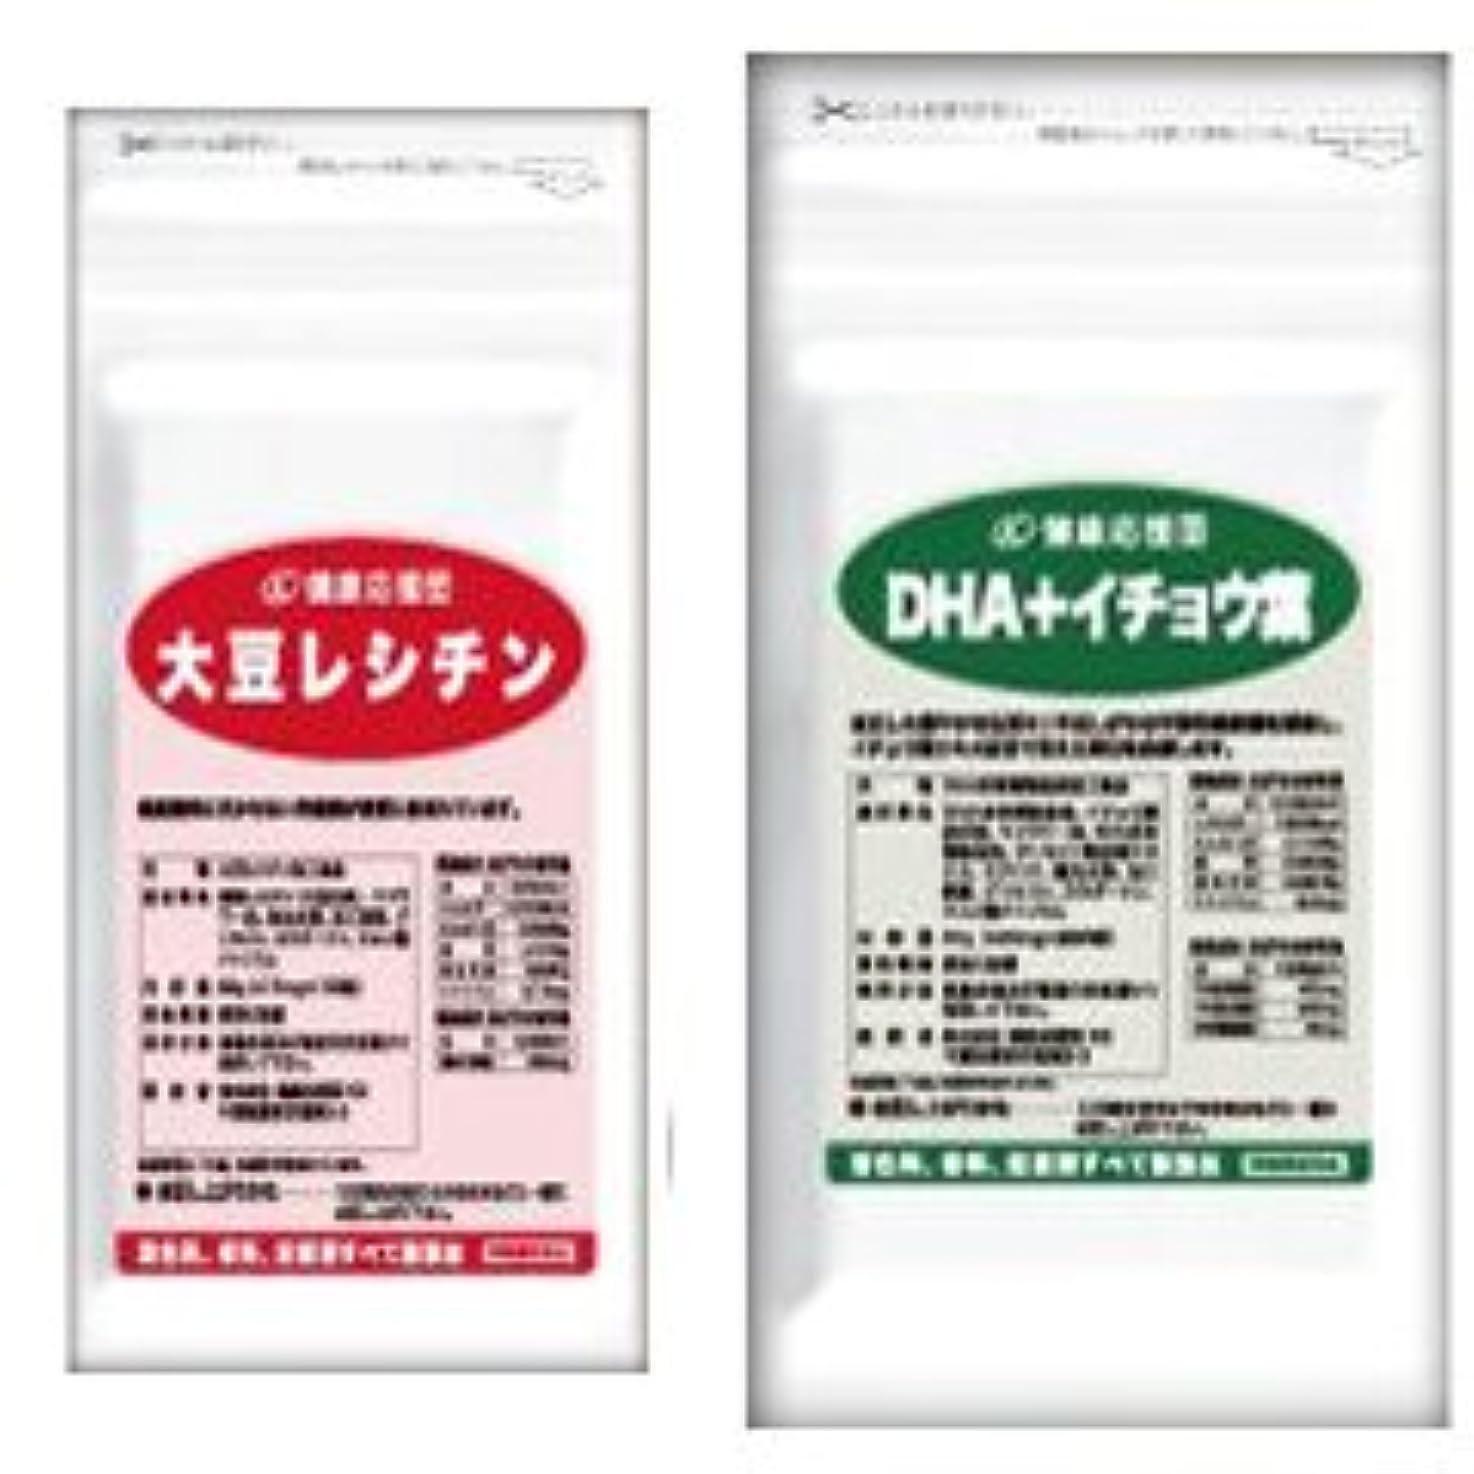 ゴミ知事こだわり(お徳用3か月分)流れサラサラセット 大豆レシチン+(DHA+イチョウ葉)3袋&3袋セット(DHA?EPA?イチョウ葉)